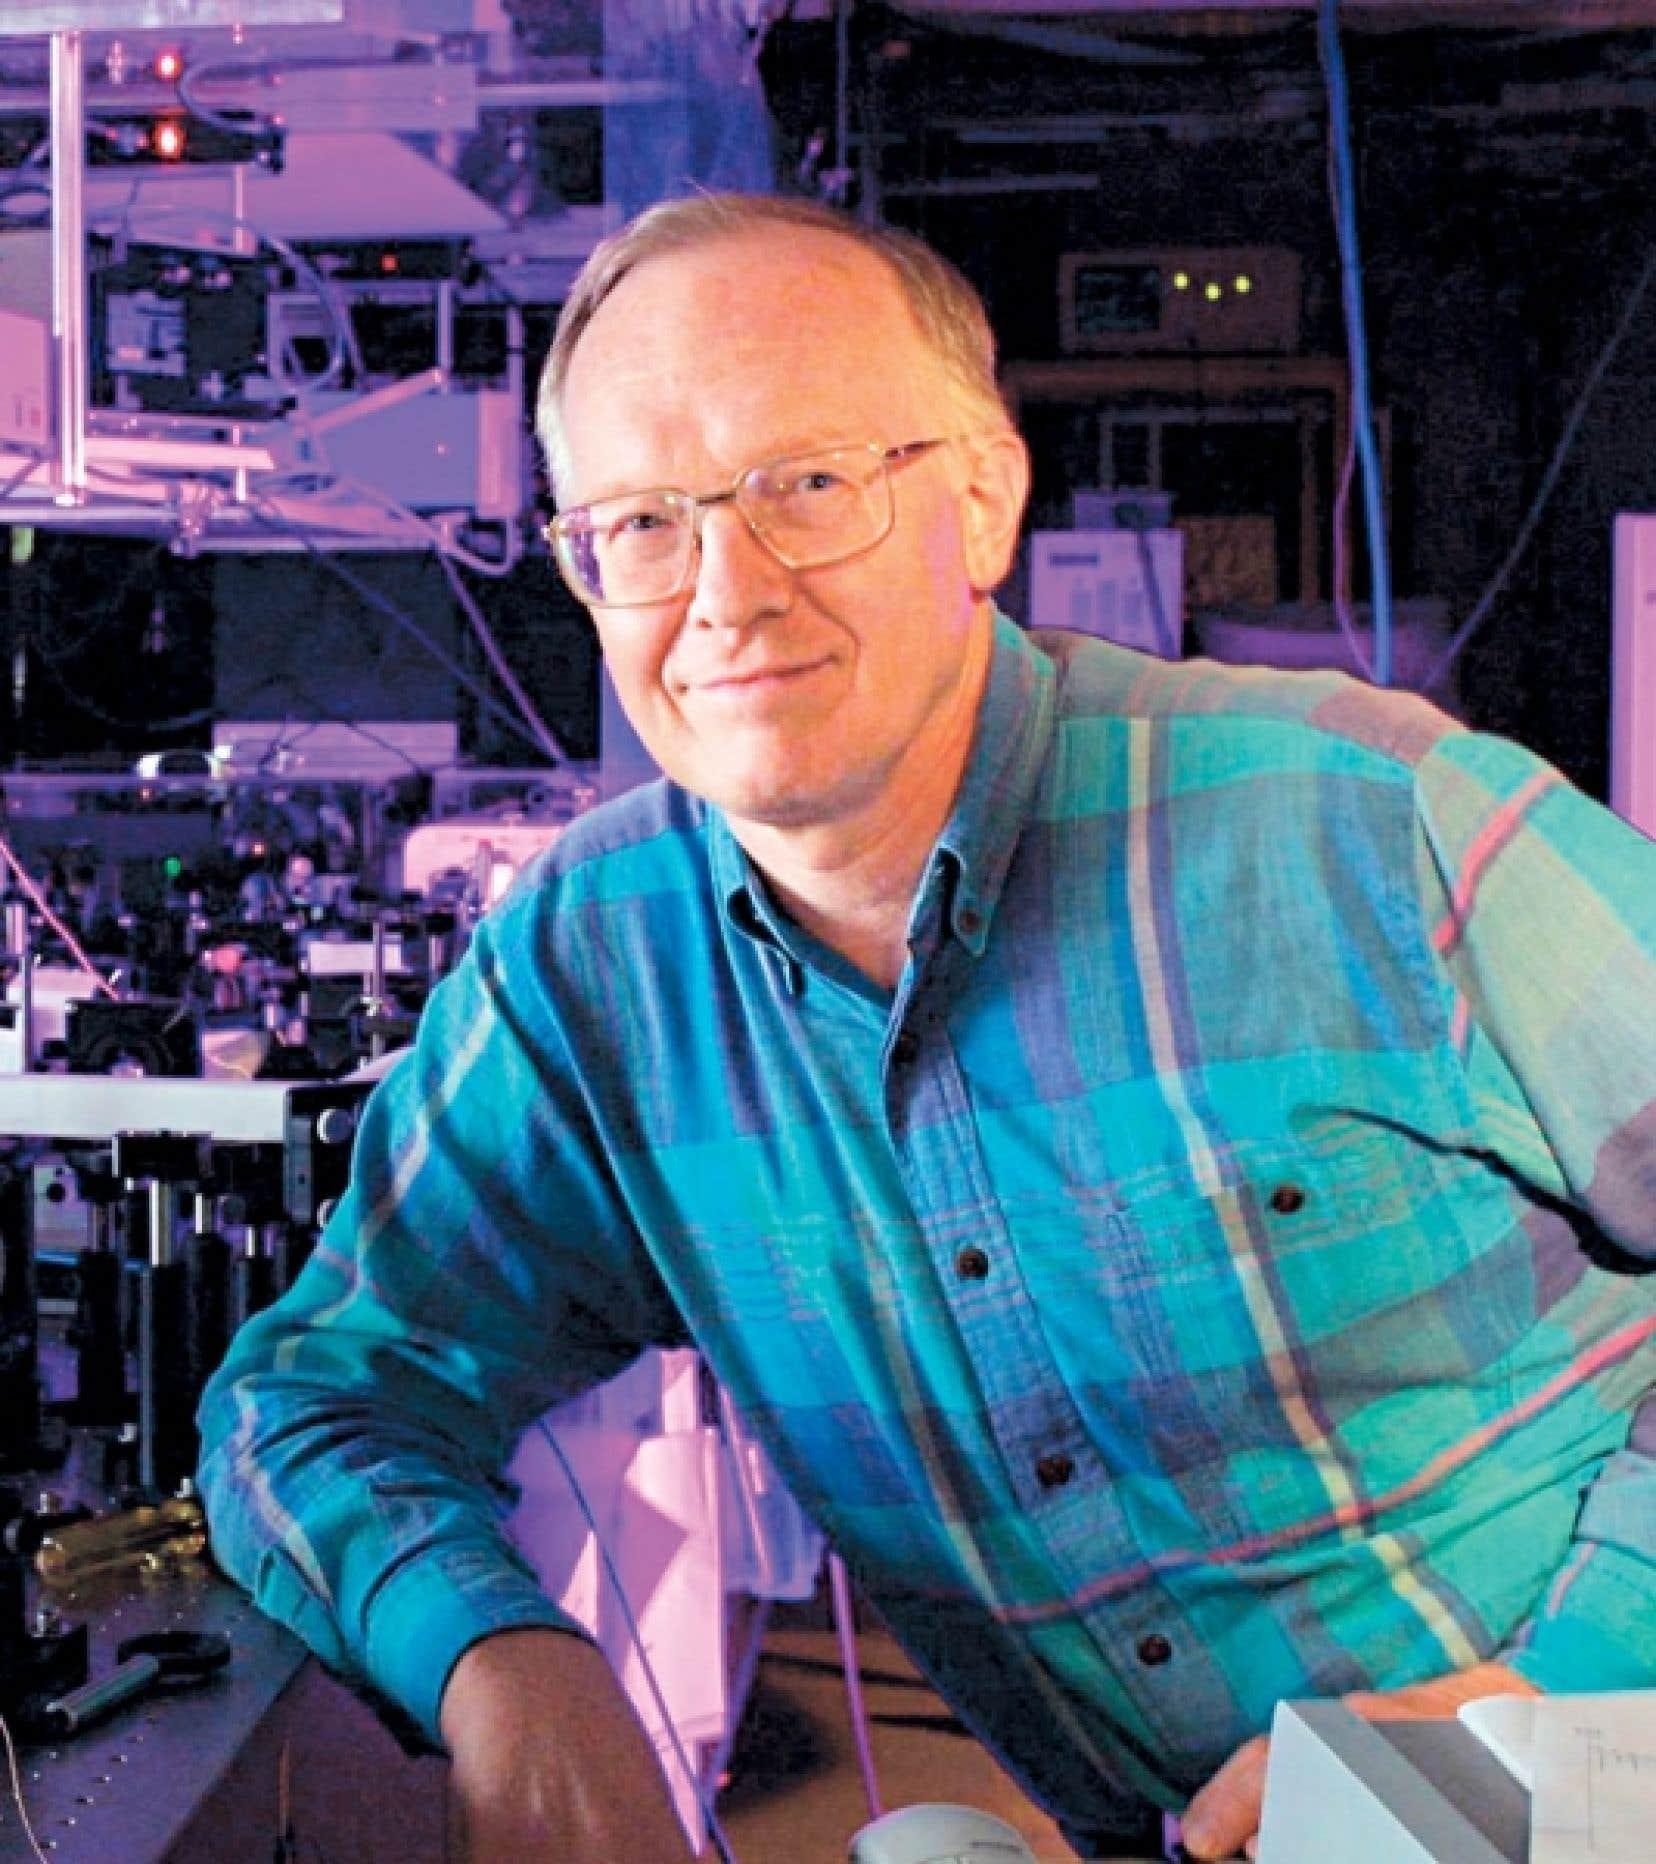 Paul Corkum dirige le Laboratoire de recherche conjoint en science de l'attoseconde (JASLab) du Conseil national de recherches du Canada, à Ottawa.<br />